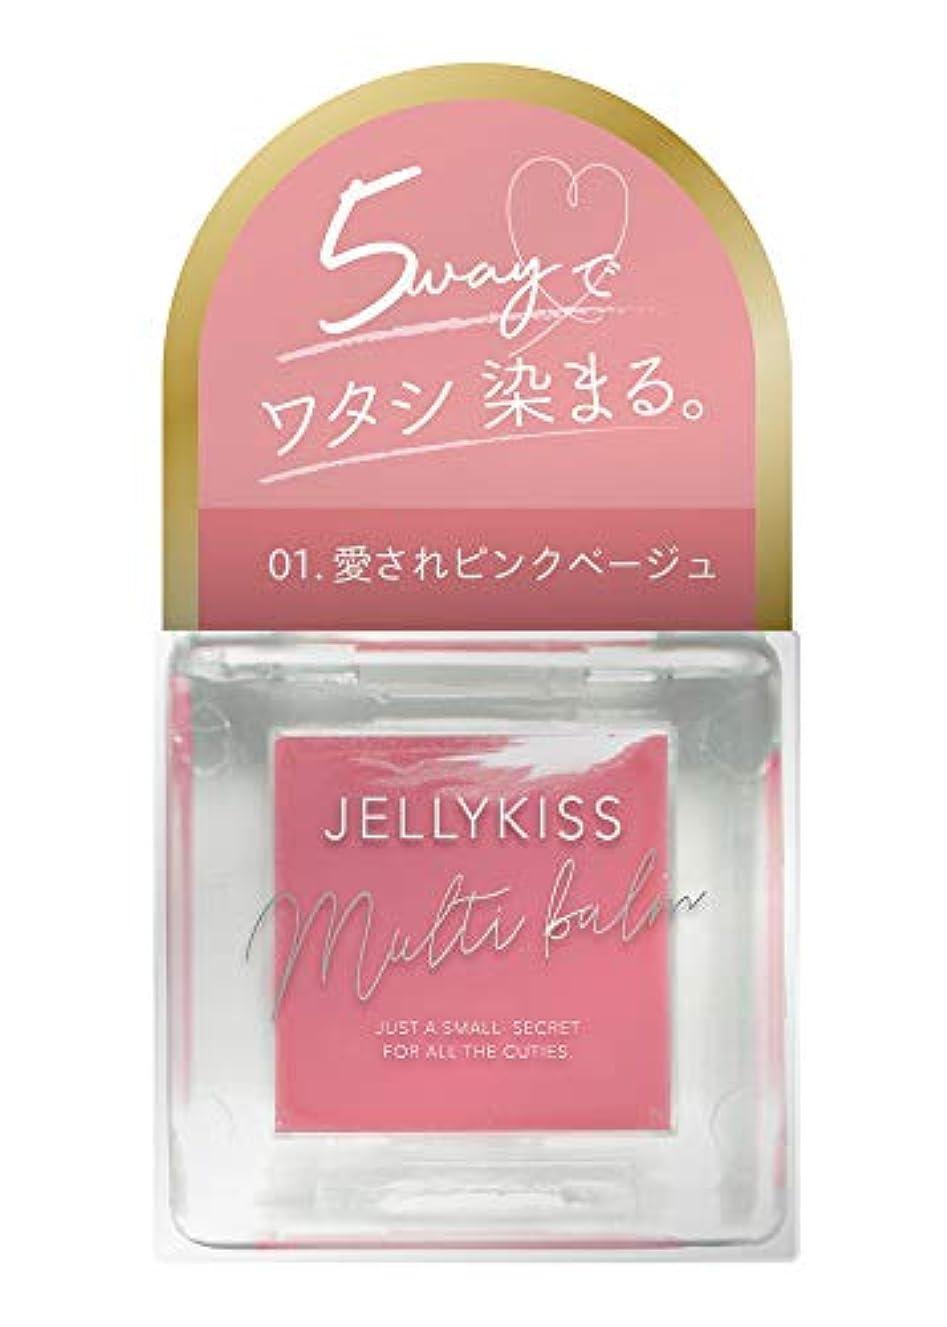 慣れる電話をかける一掃するJelly kiss(ジュリキス) ジェリキス マルチバーム 01 チェリーピンク 口紅 7g